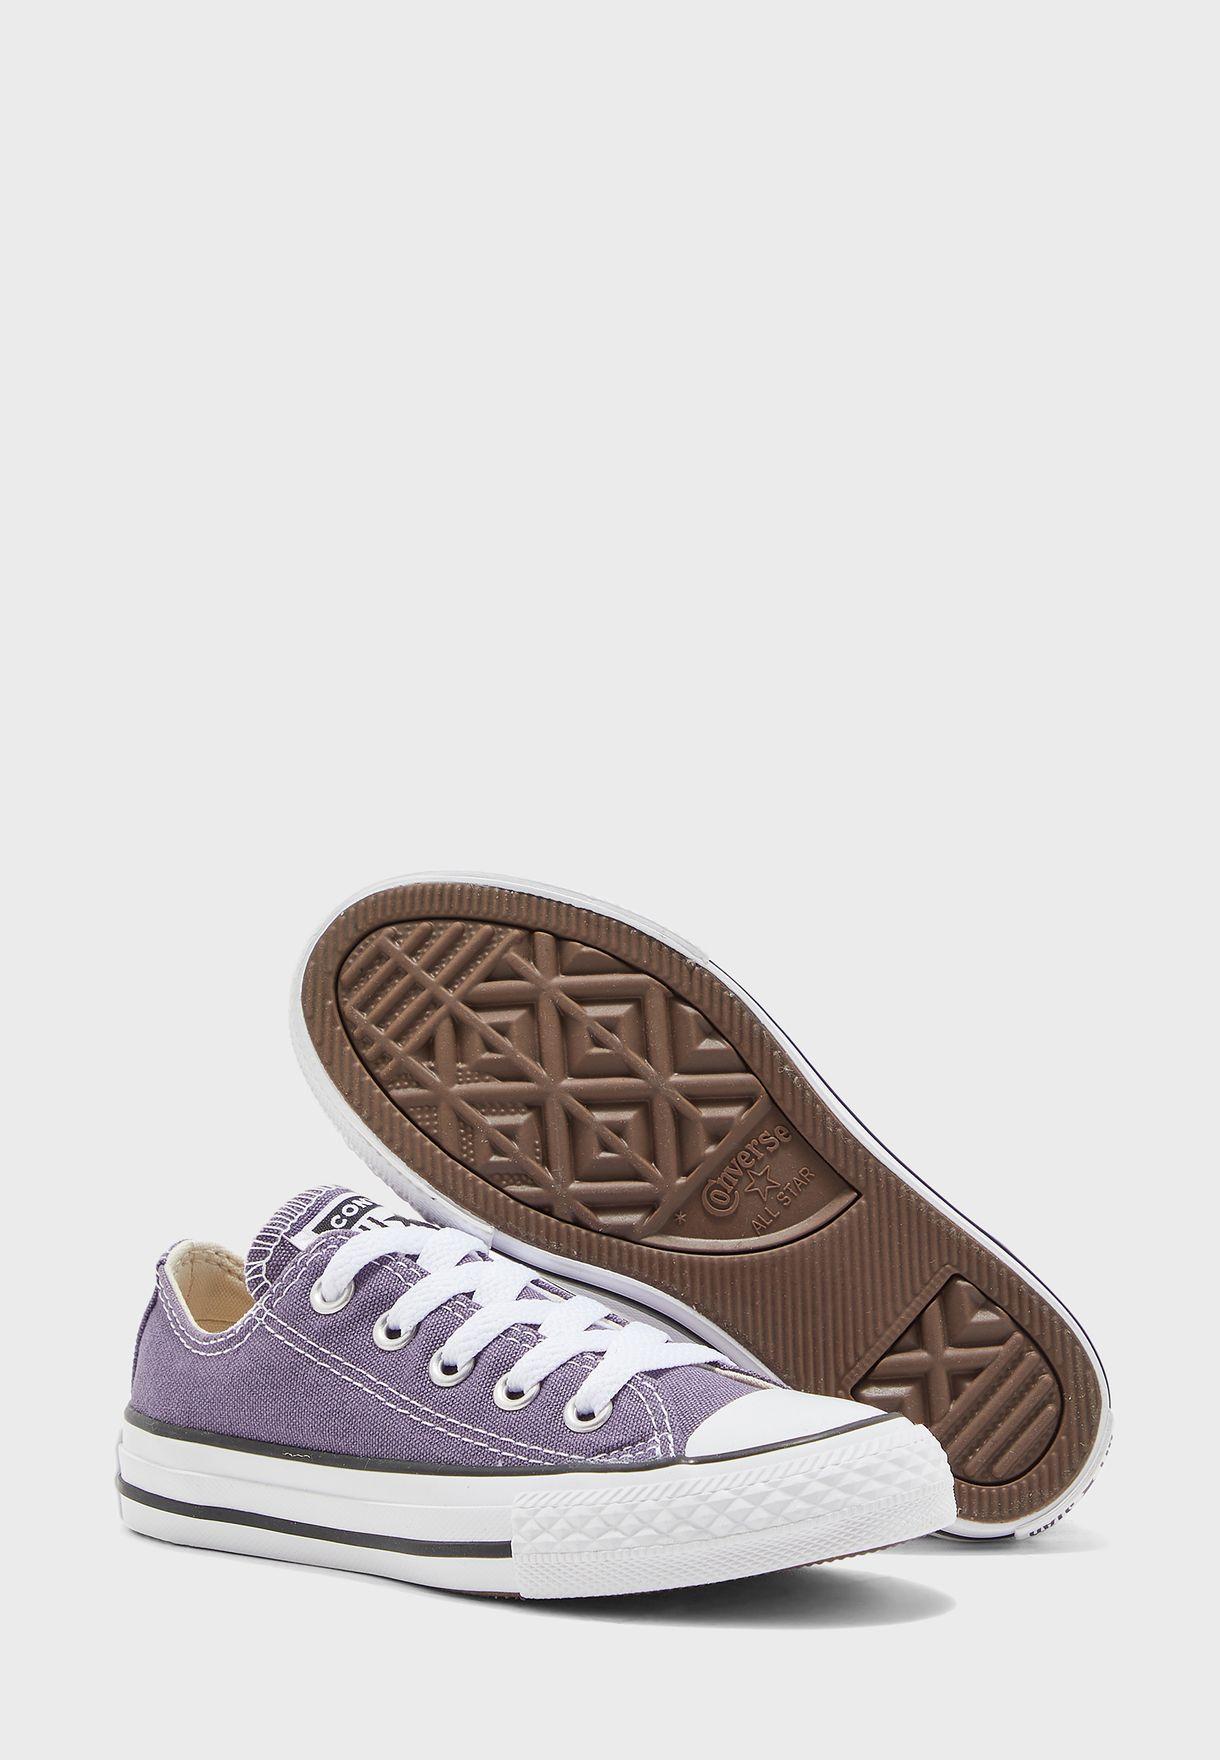 حذاء تشك تايلور اول ستار اوكس